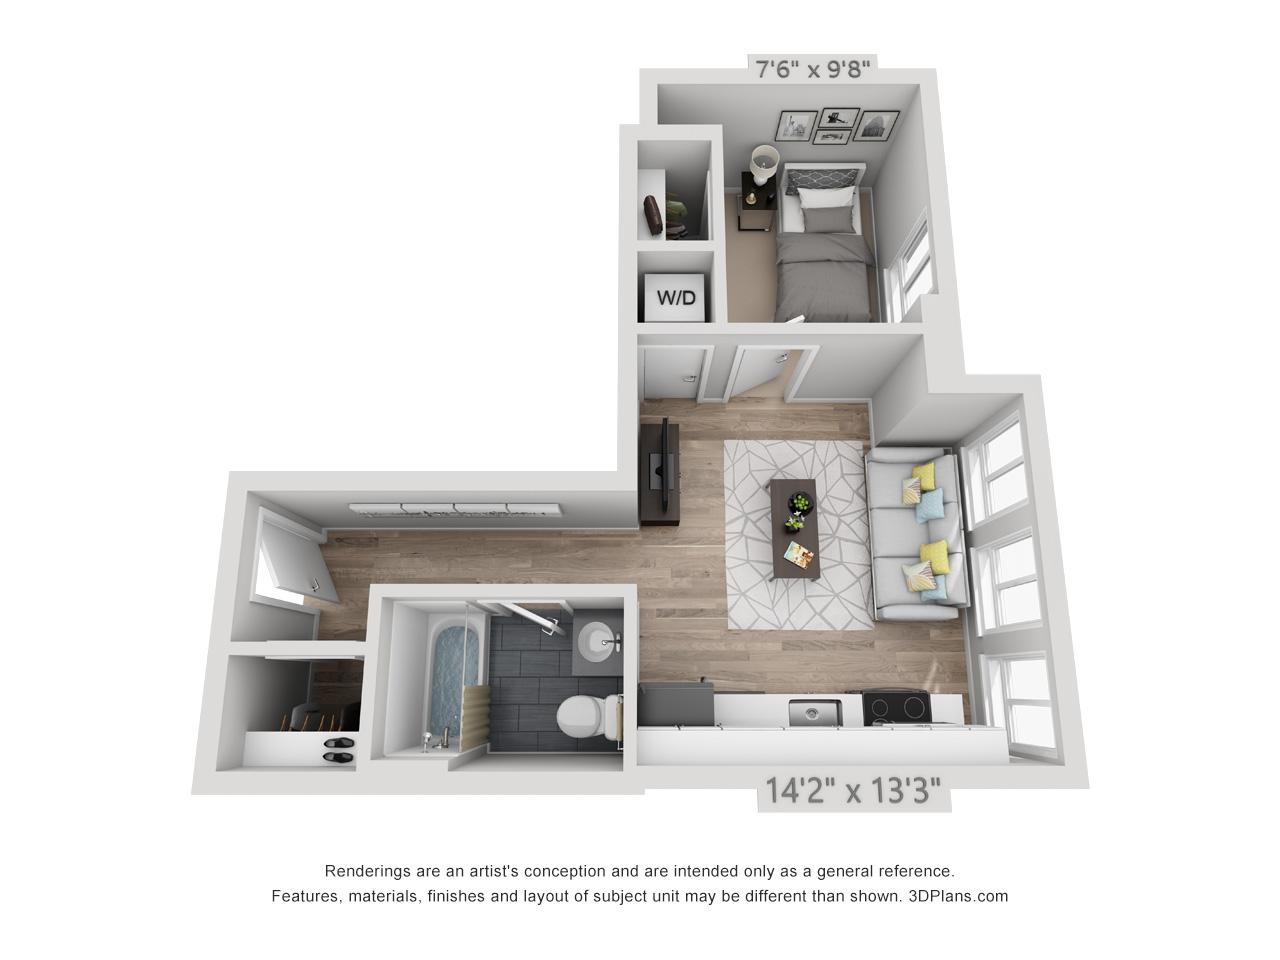 Apartments in center city philadelphia icon - 1 bedroom apartment philadelphia ...